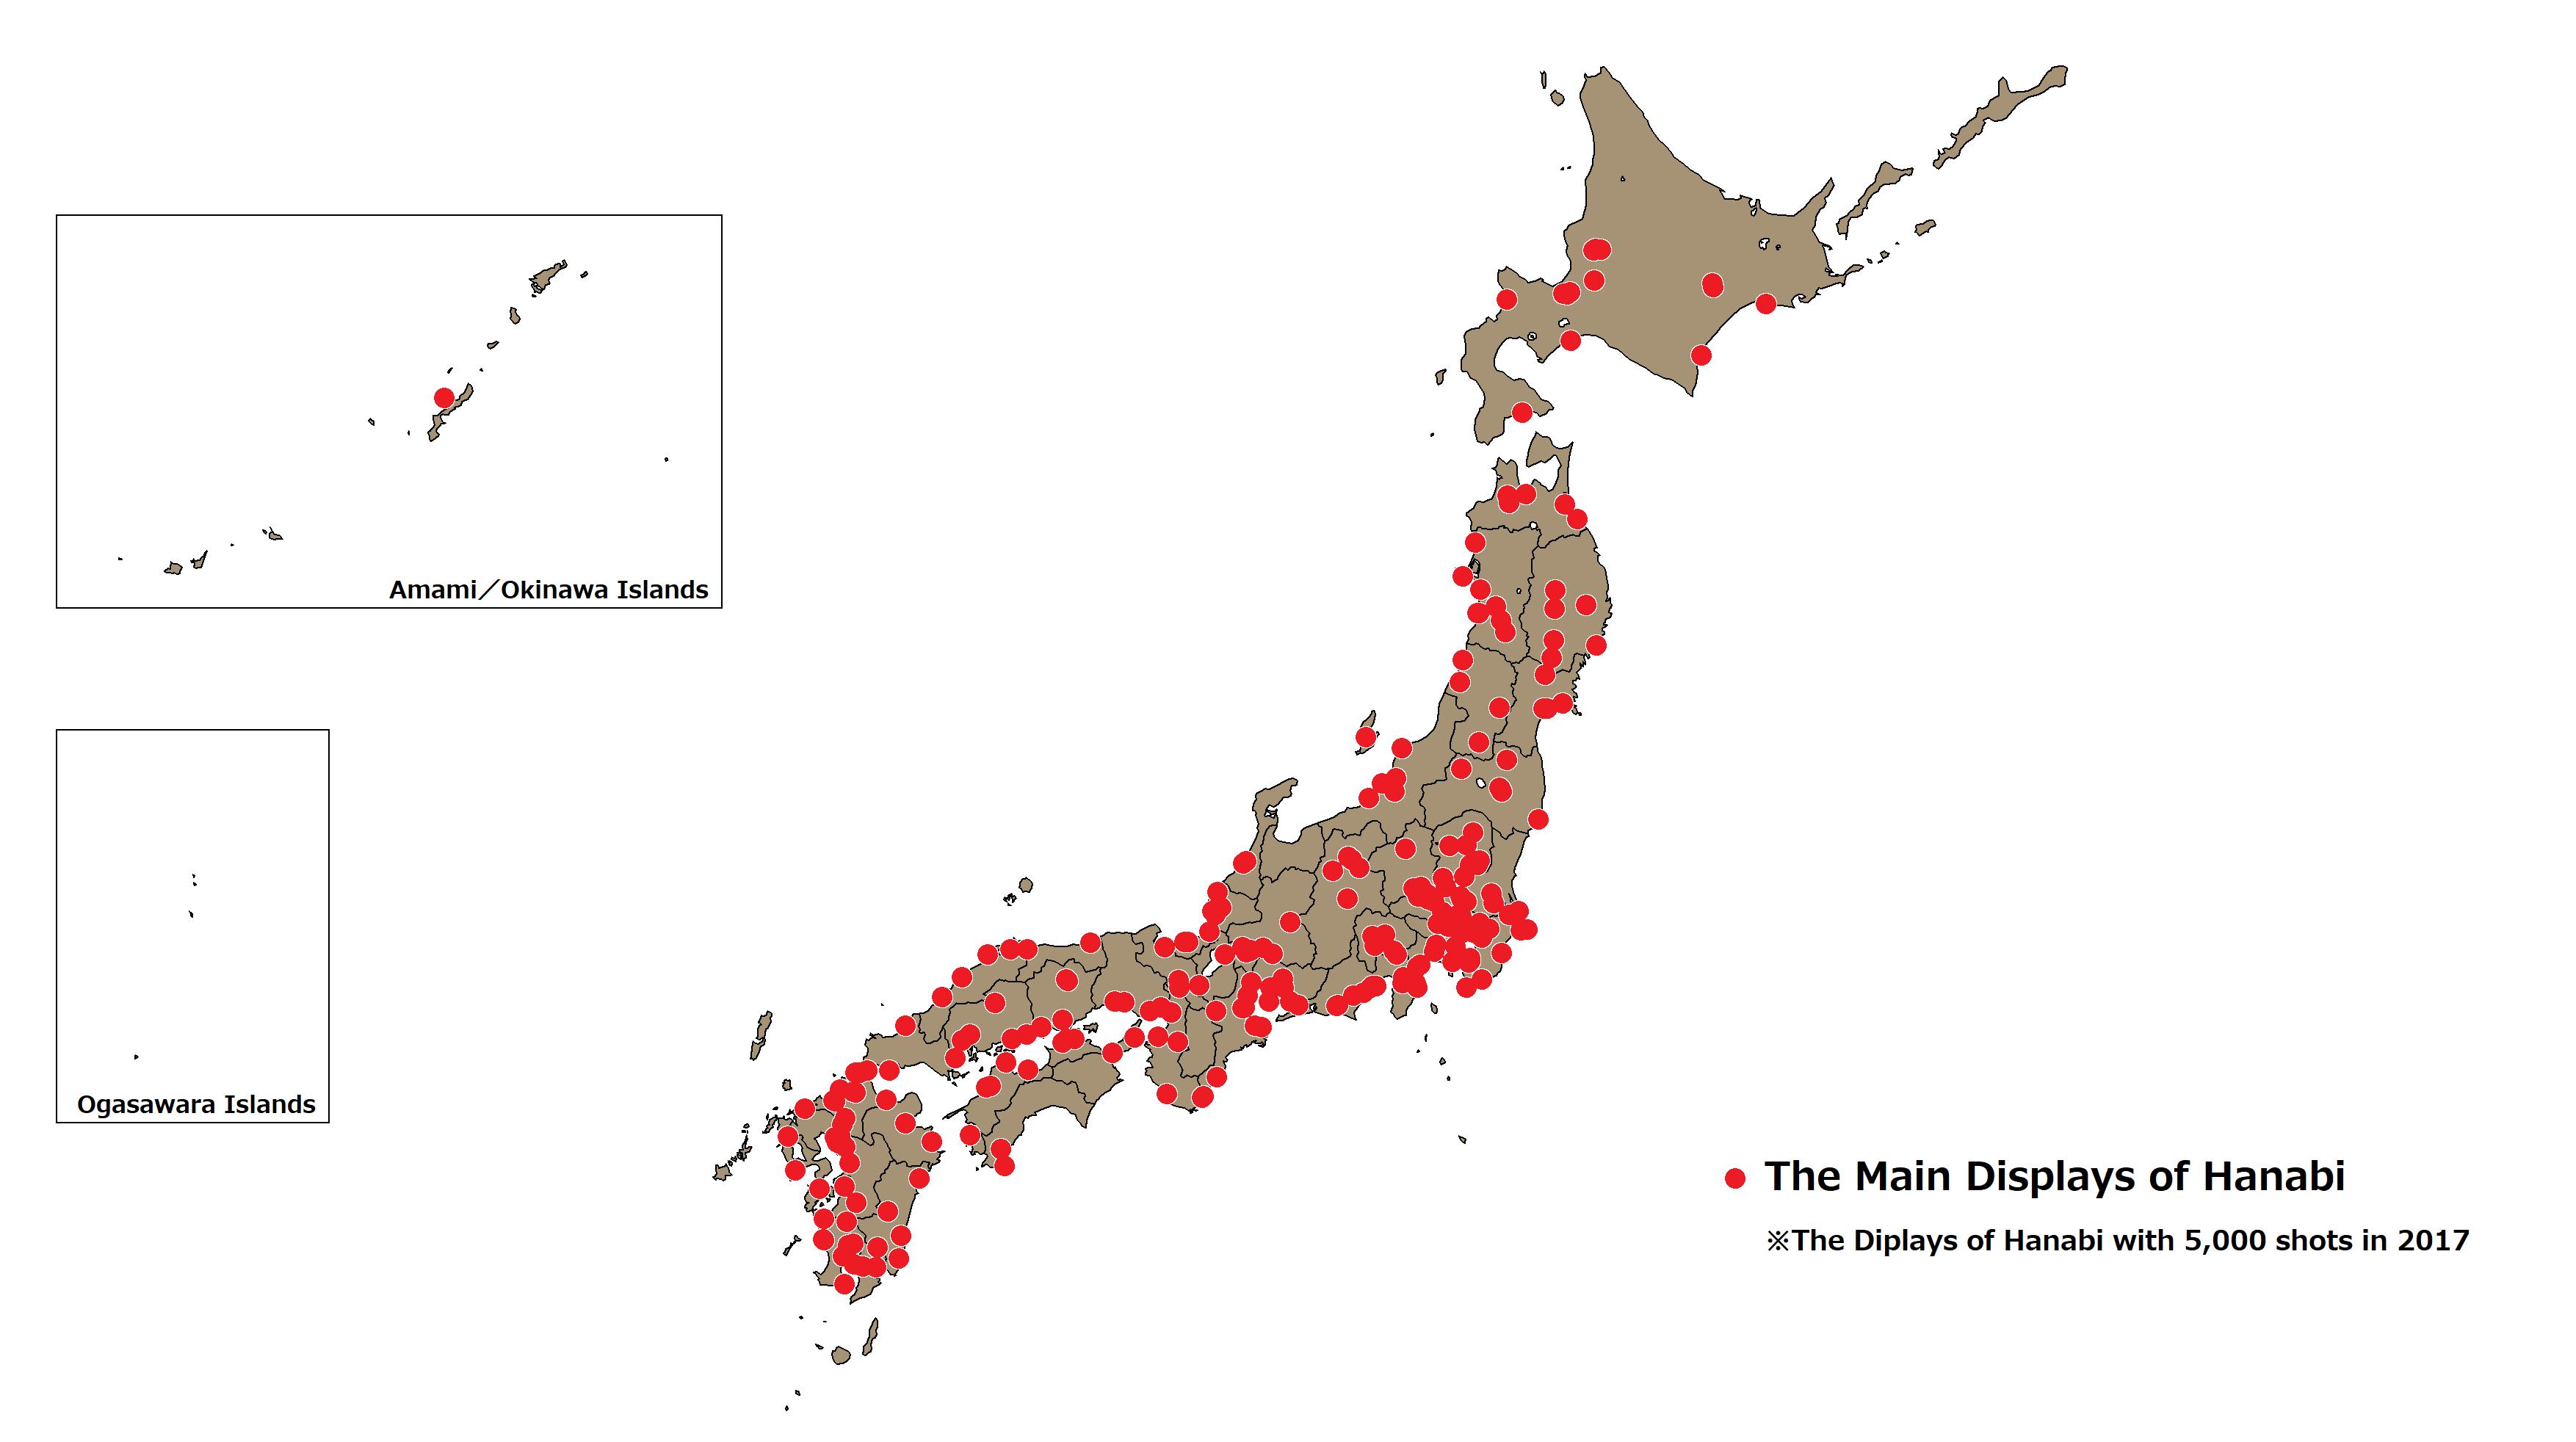 The Main Displays of Hanabi in Japan